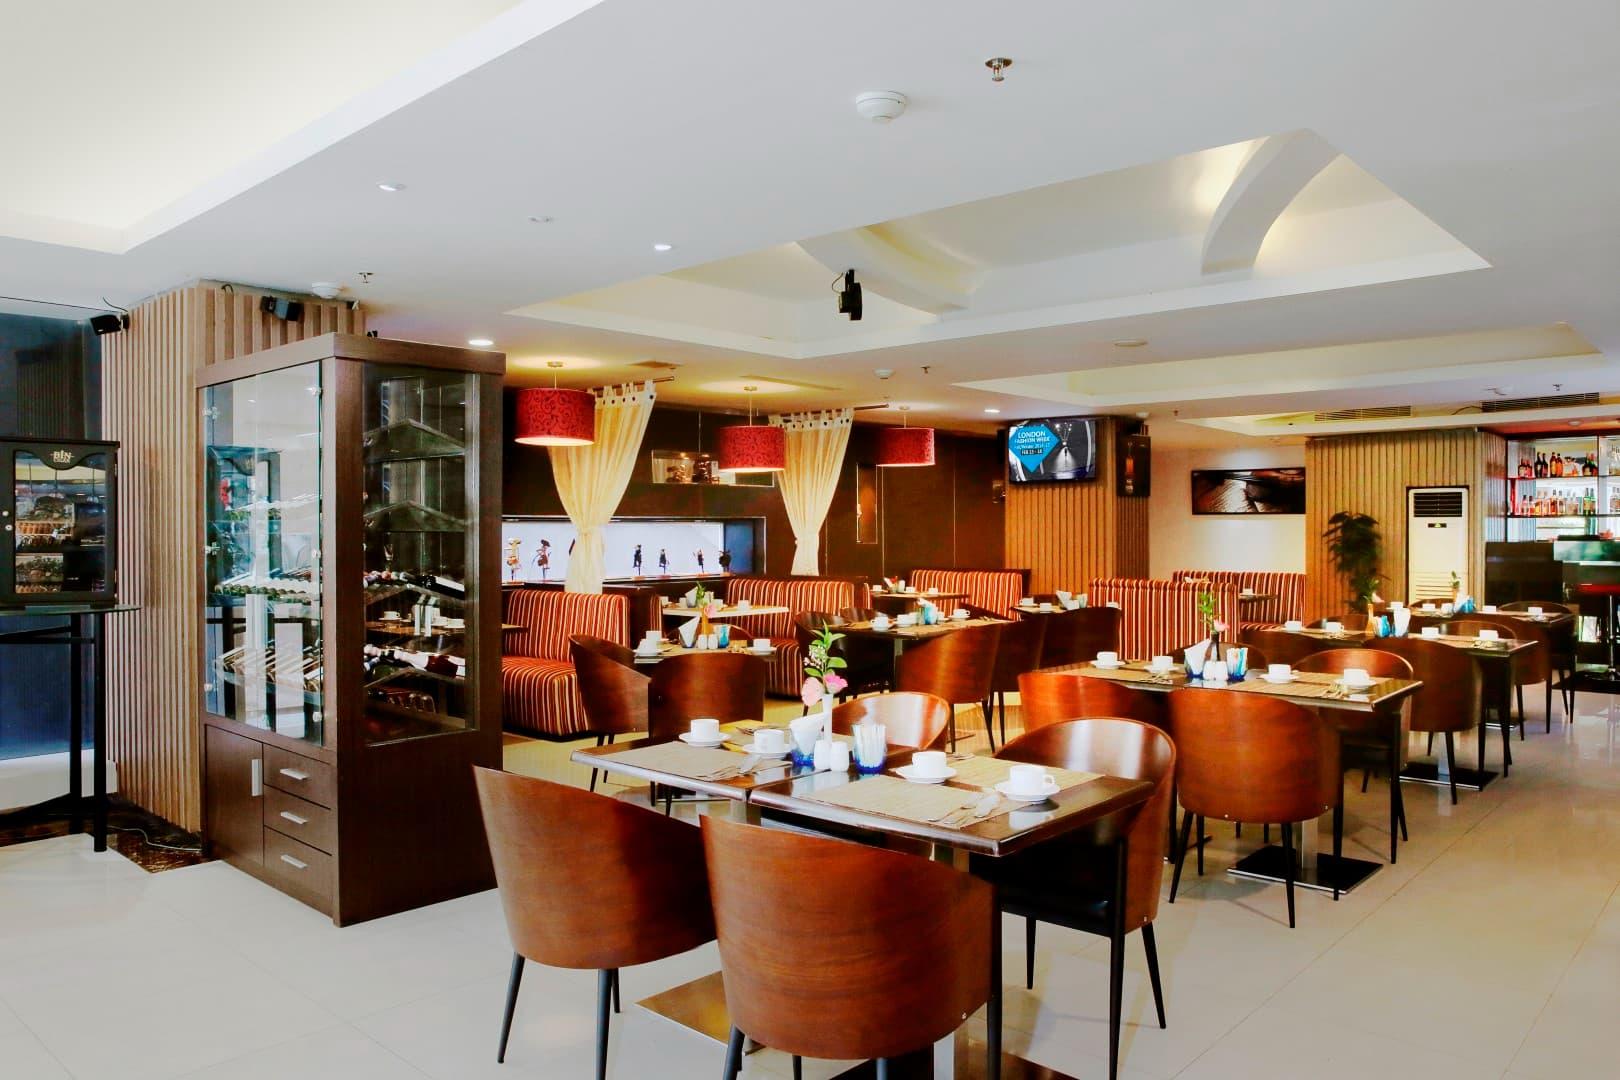 The Alana Surabaya Hotel